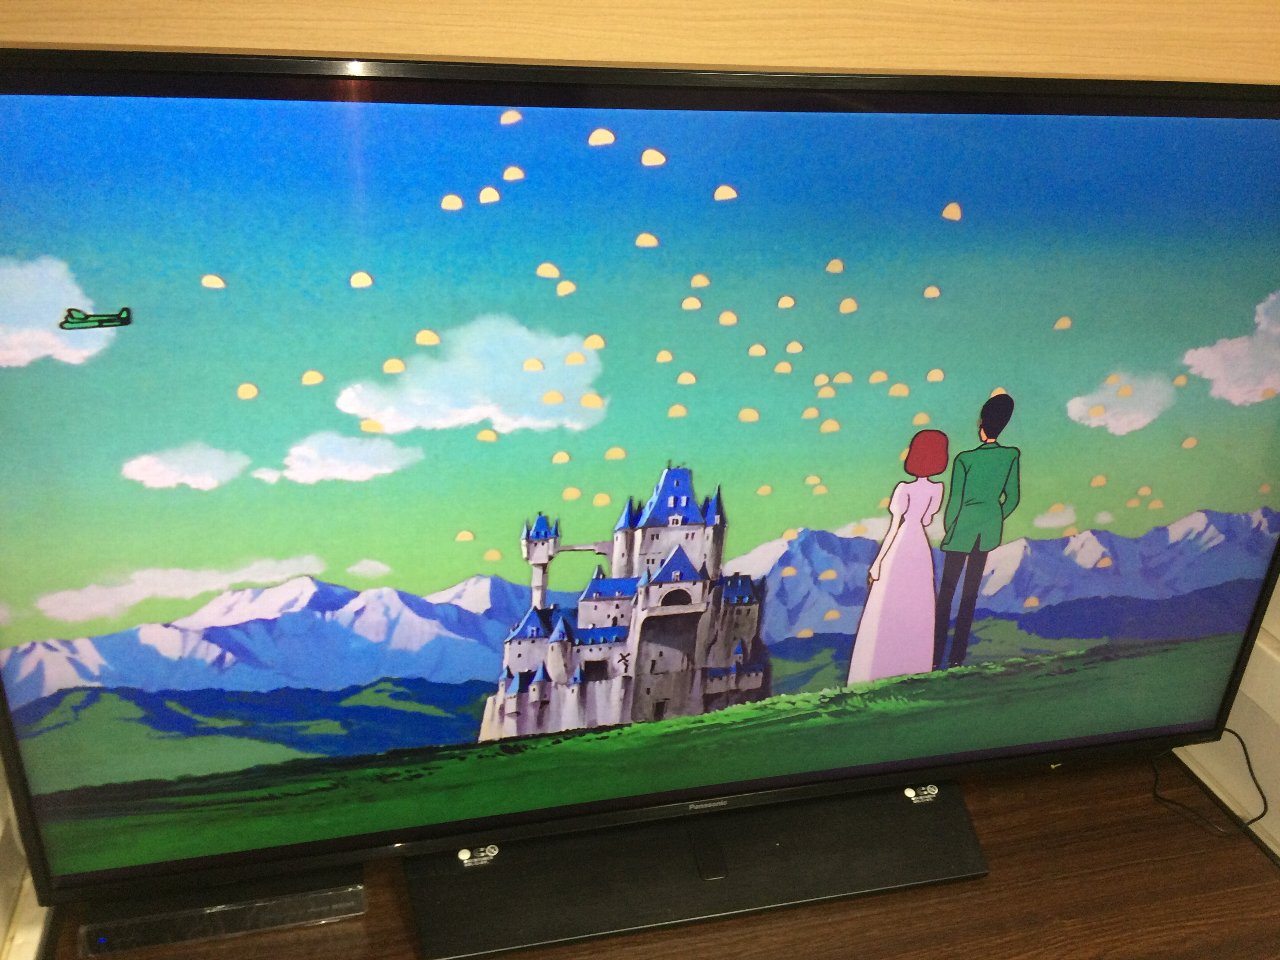 4K-UHD BD『カリオストロの城』別れ